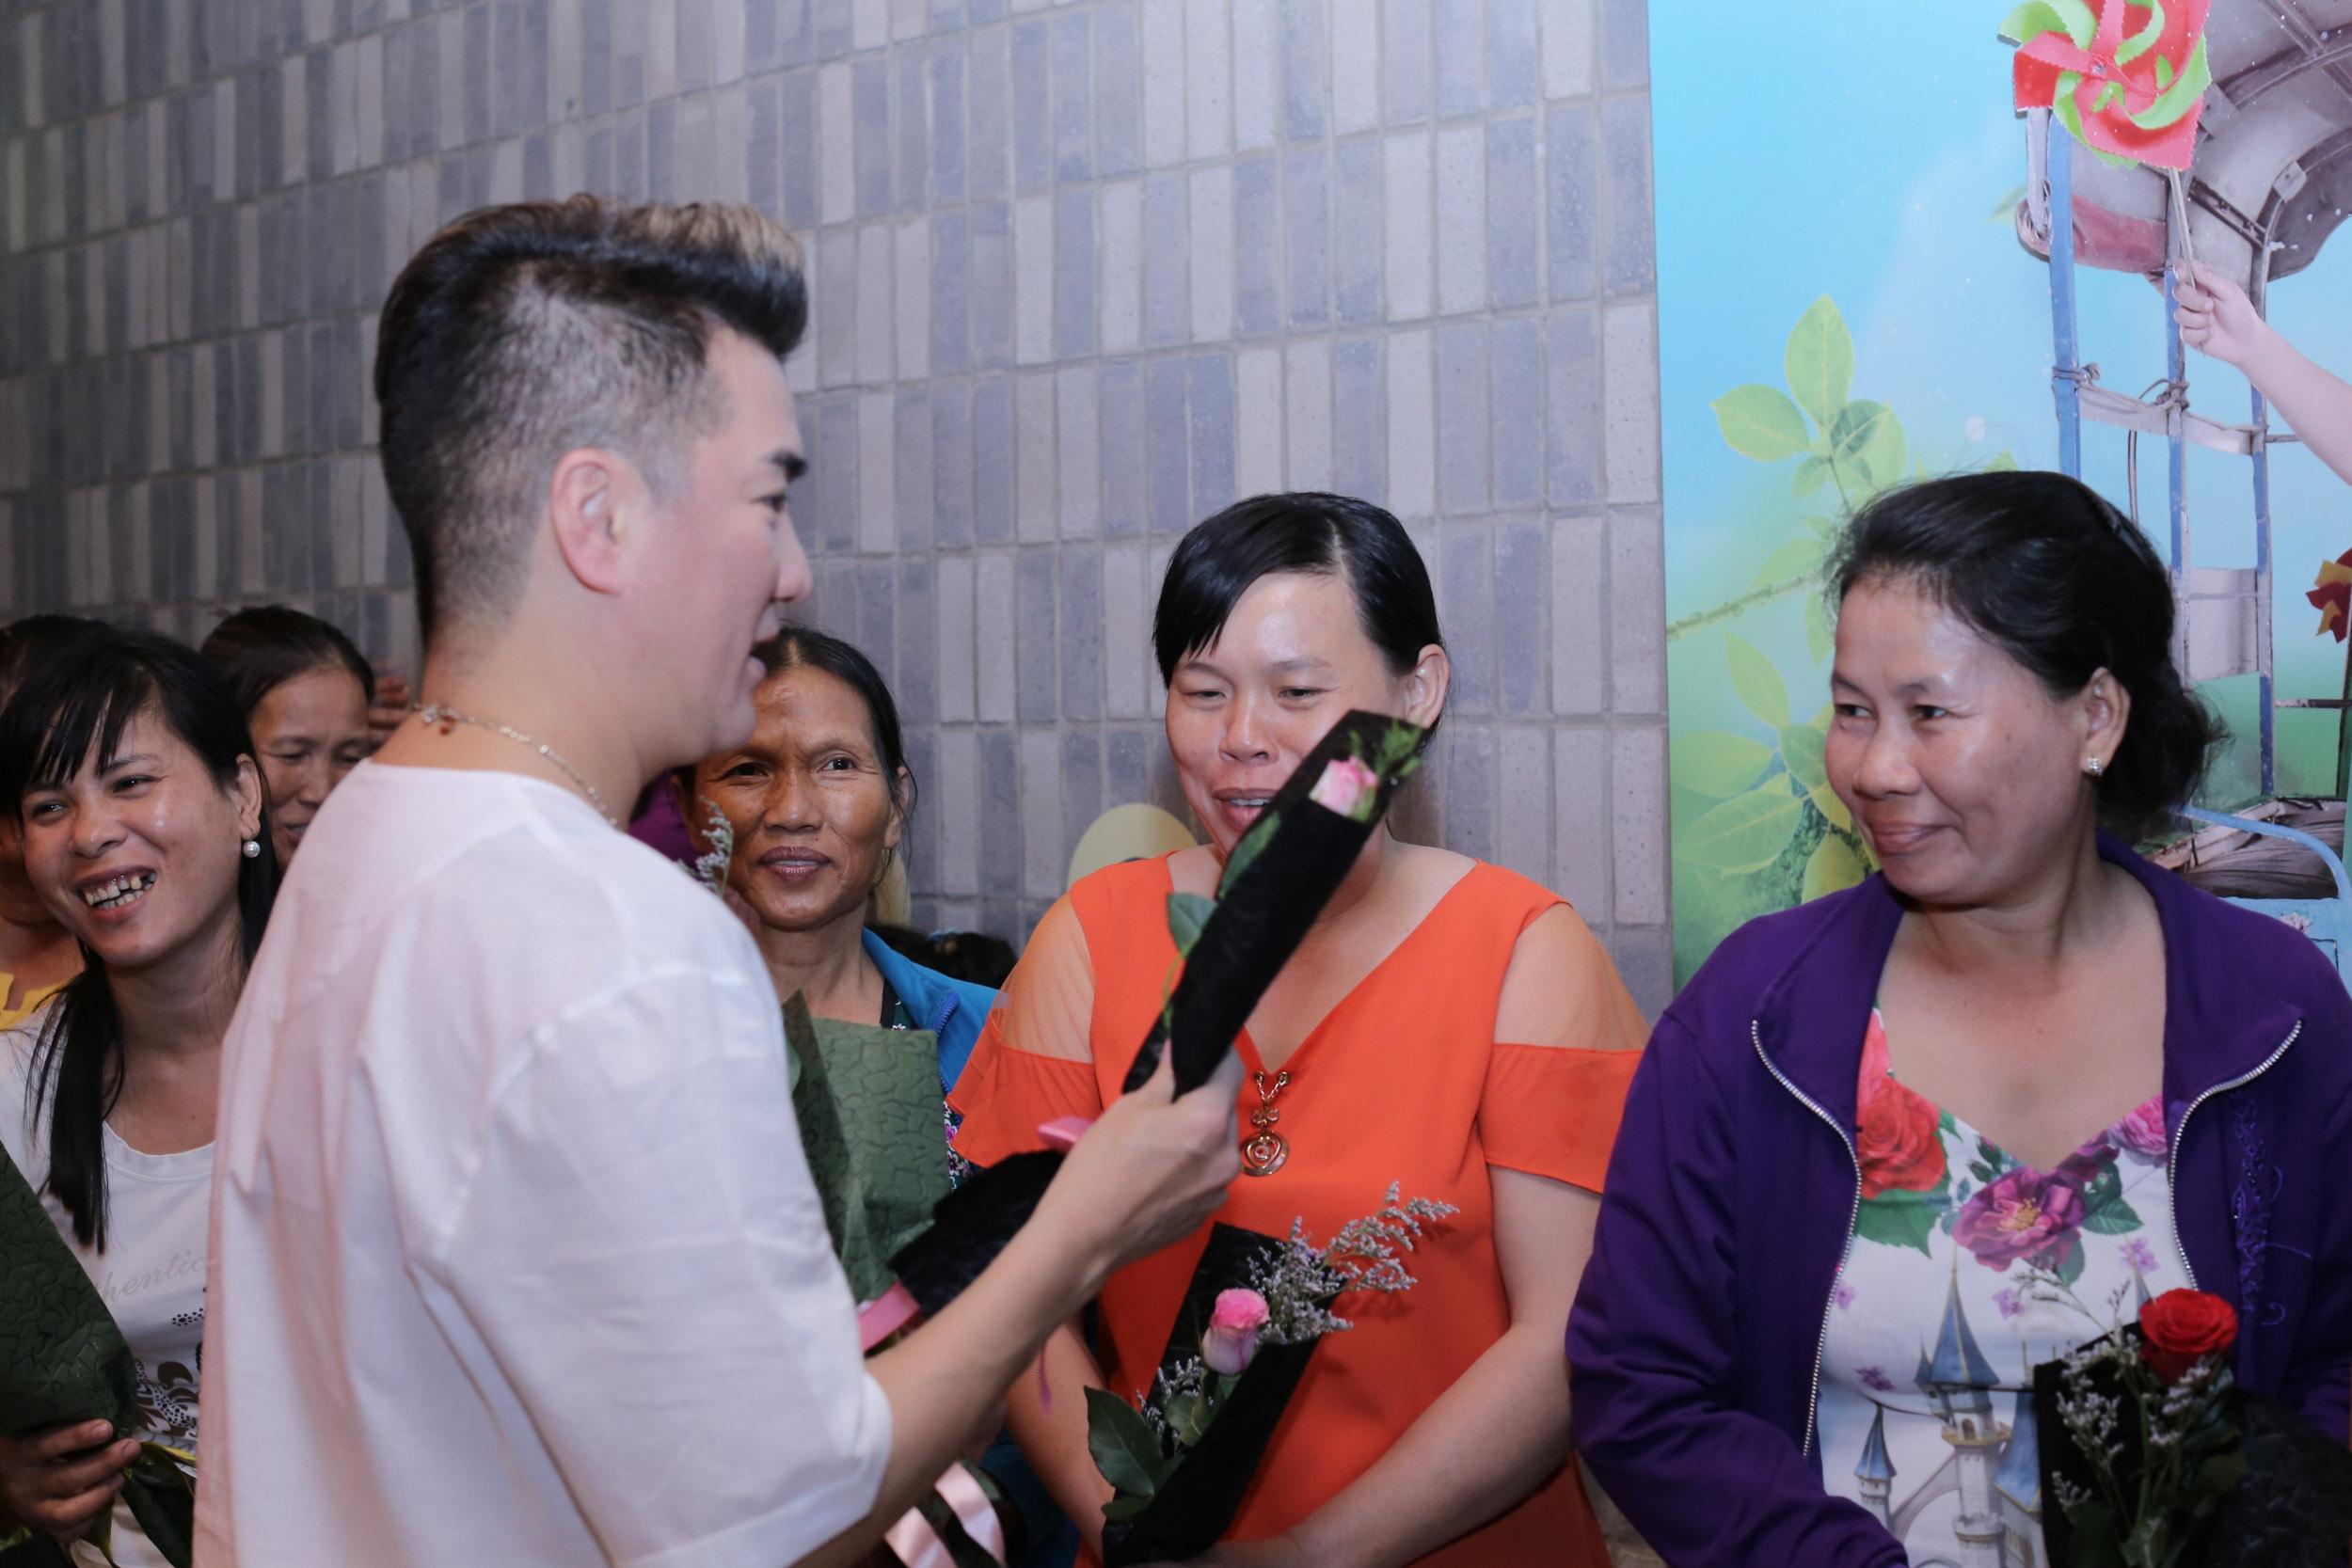 Đàm Vĩnh Hưng rủ Cát Phượng, Kiều Minh Tuấn dành món quà đặc biệt cho phụ nữ khó khăn trong ngày 8/3